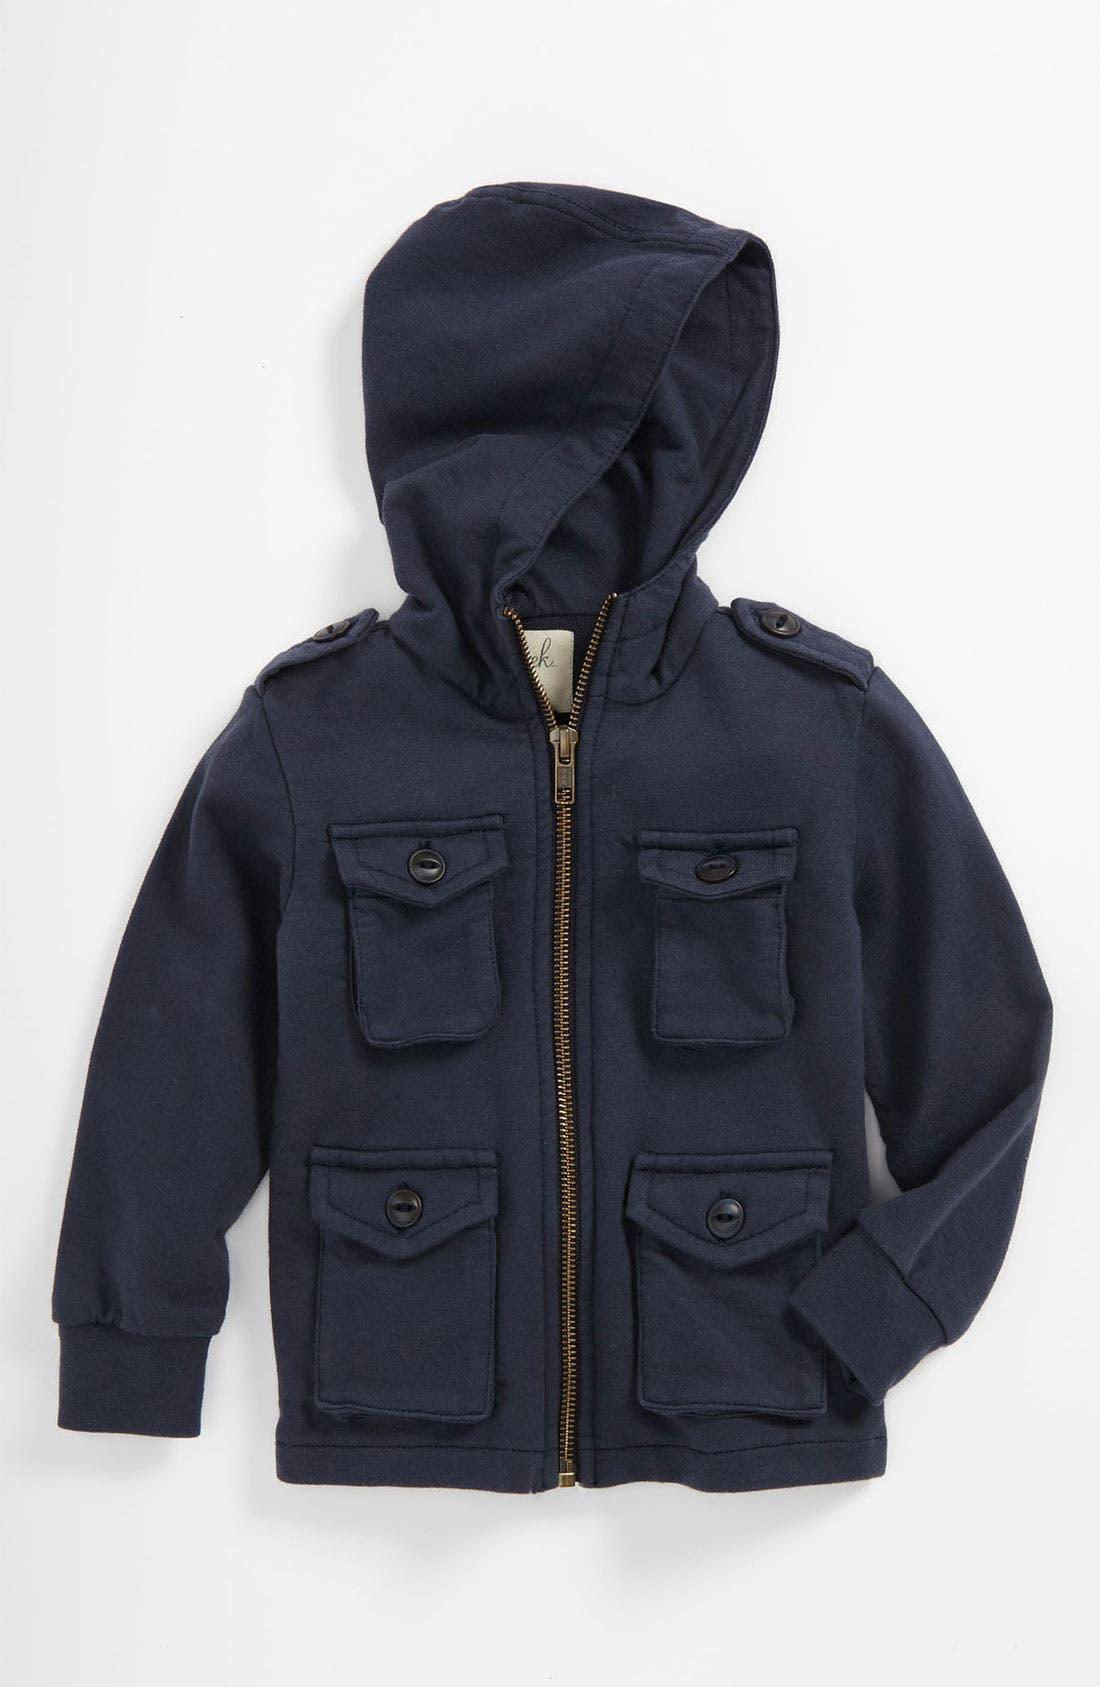 Main Image - Peek 'Durango' Utility Jacket (Baby)